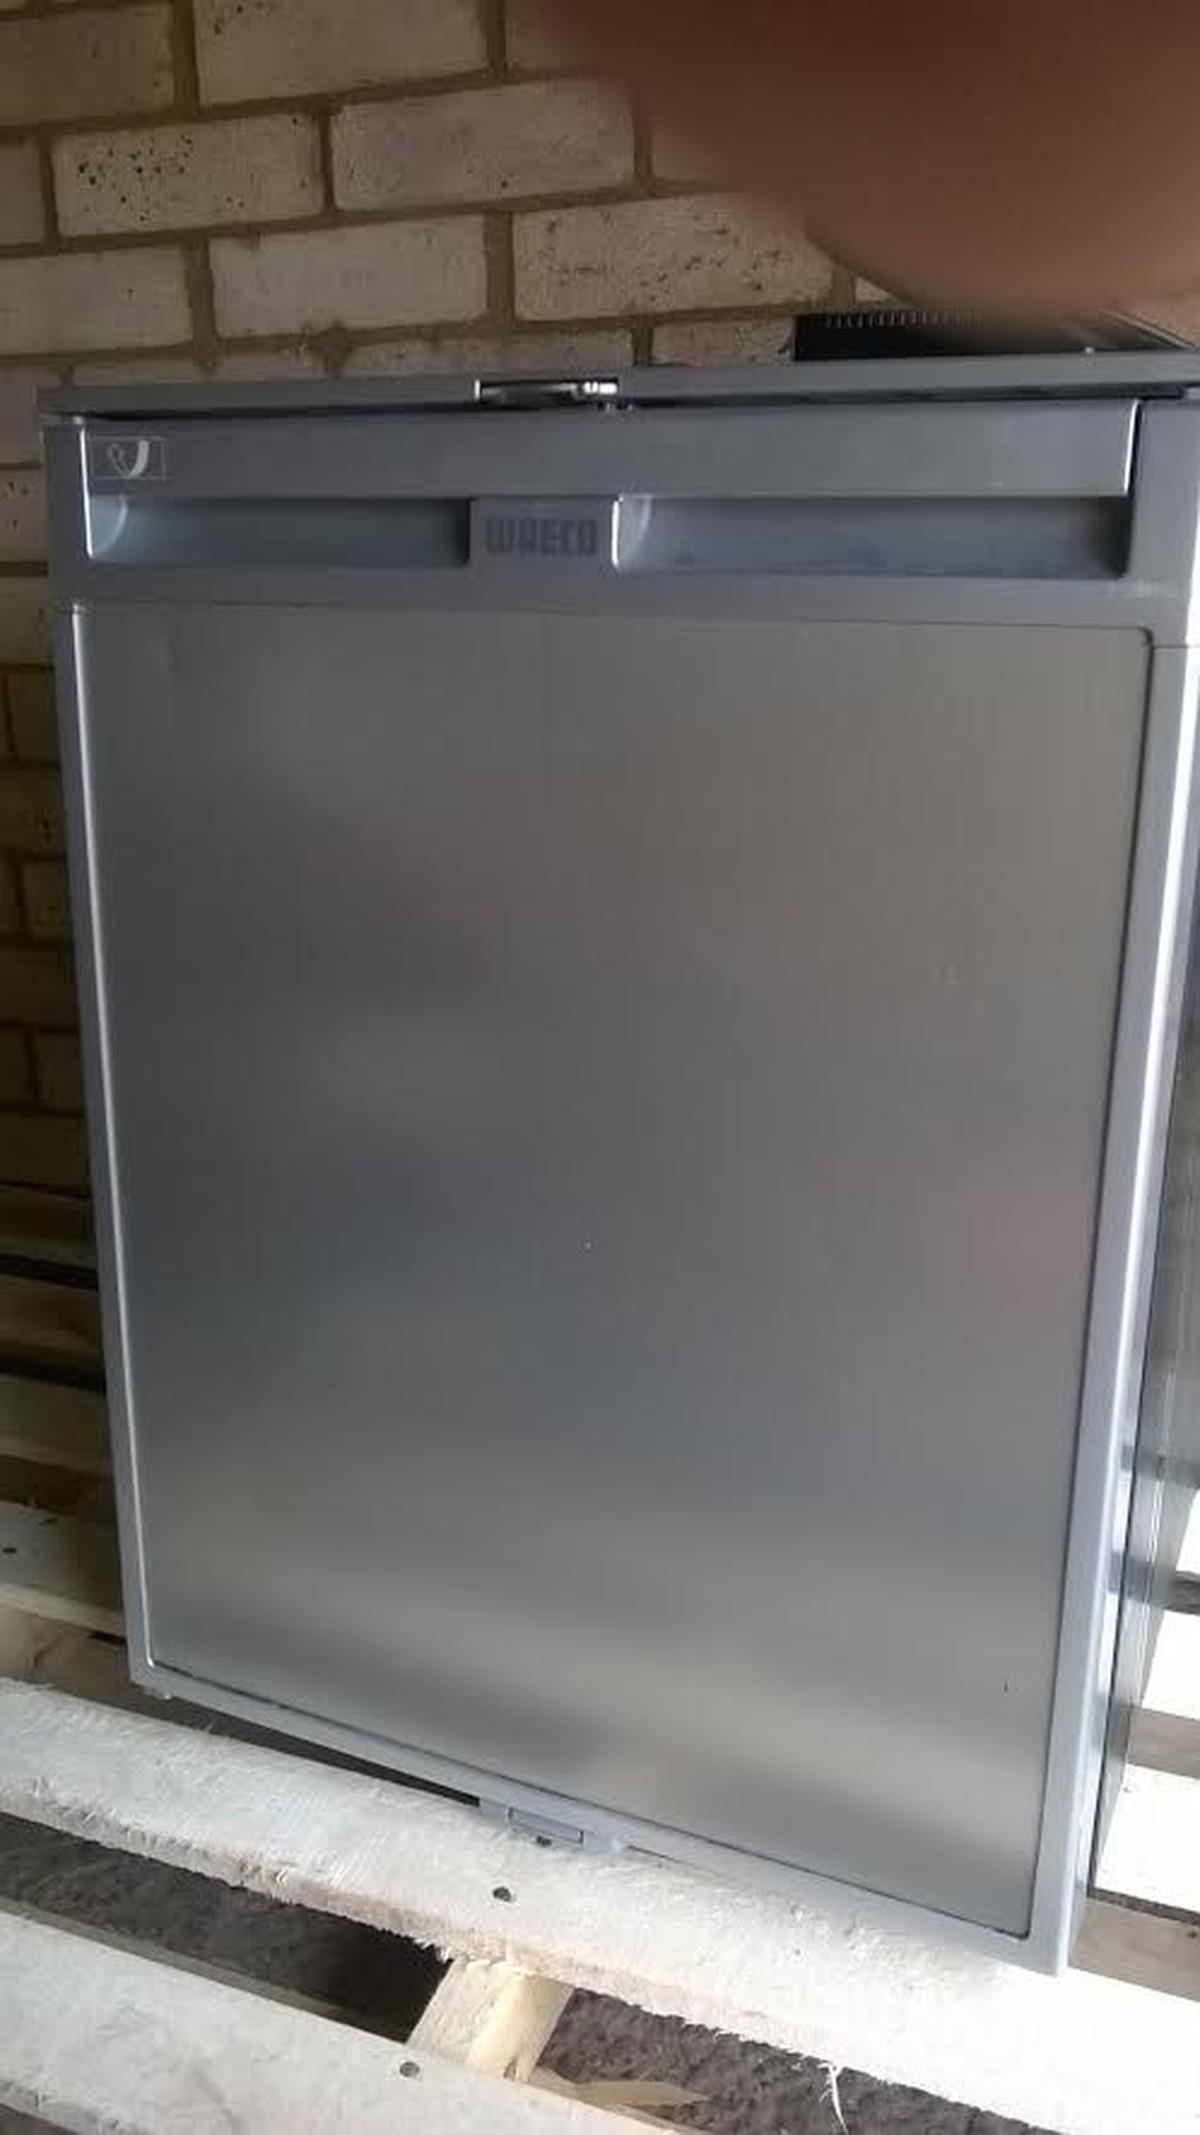 Waeco CR80 12v or 240v Fridge With Freezer Compartment - Cambridgeshire